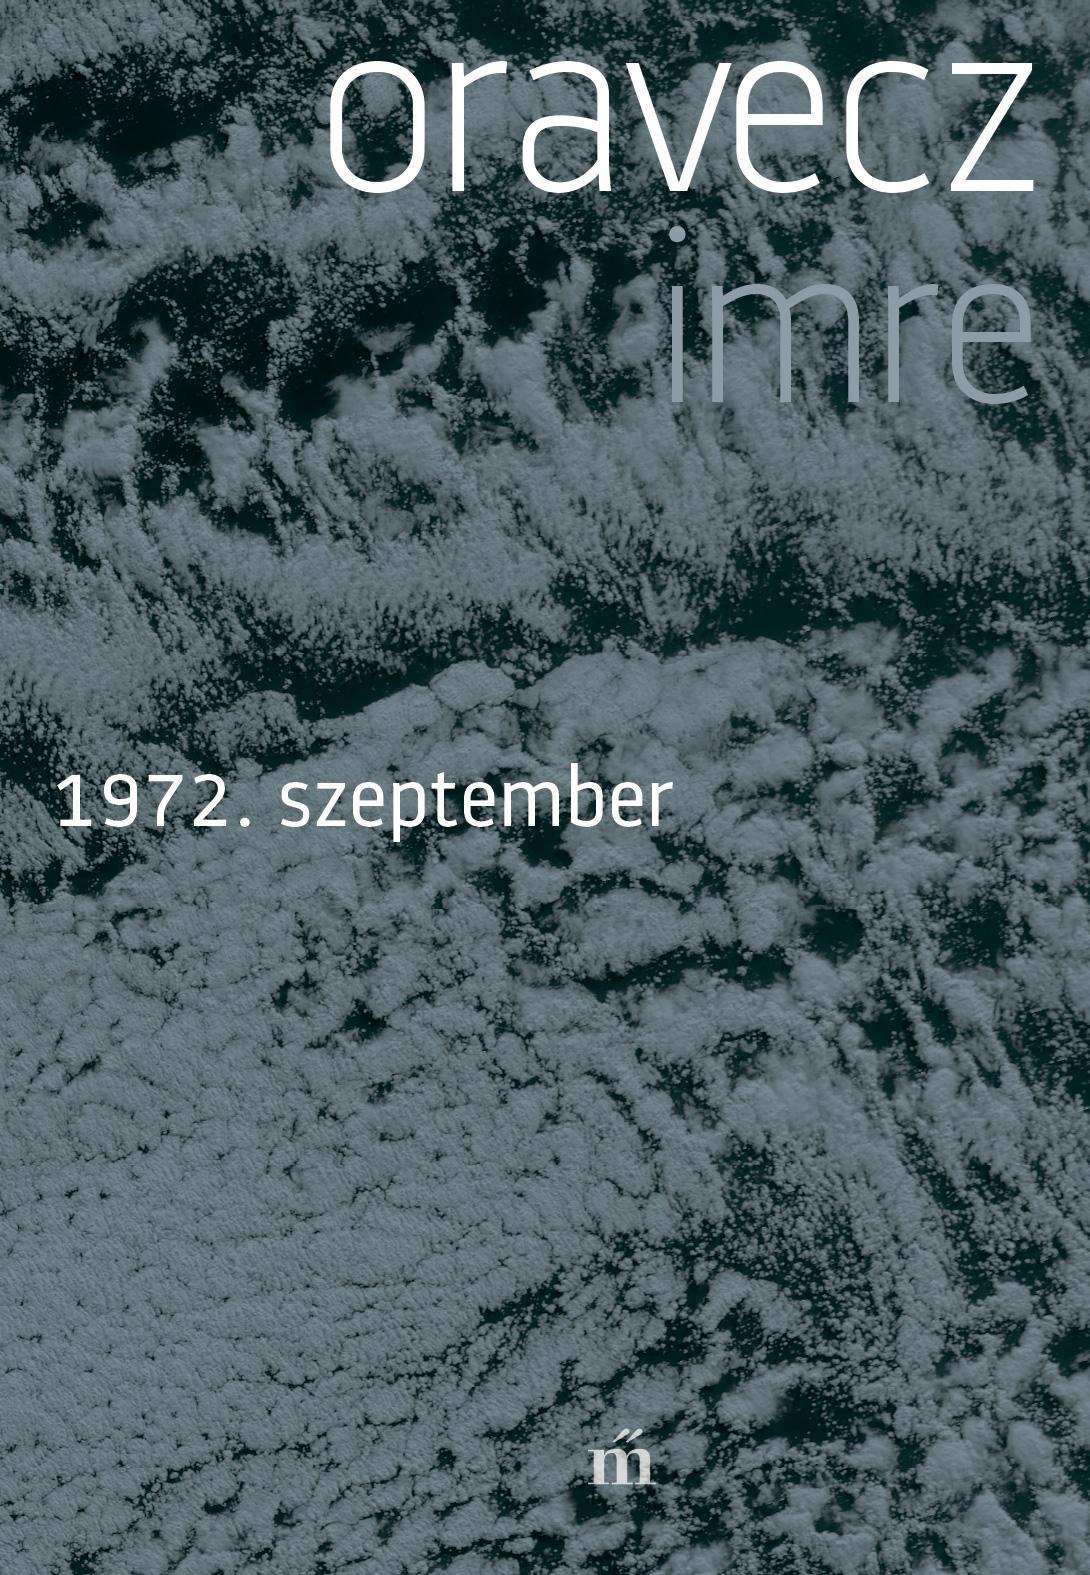 139484418.jpg